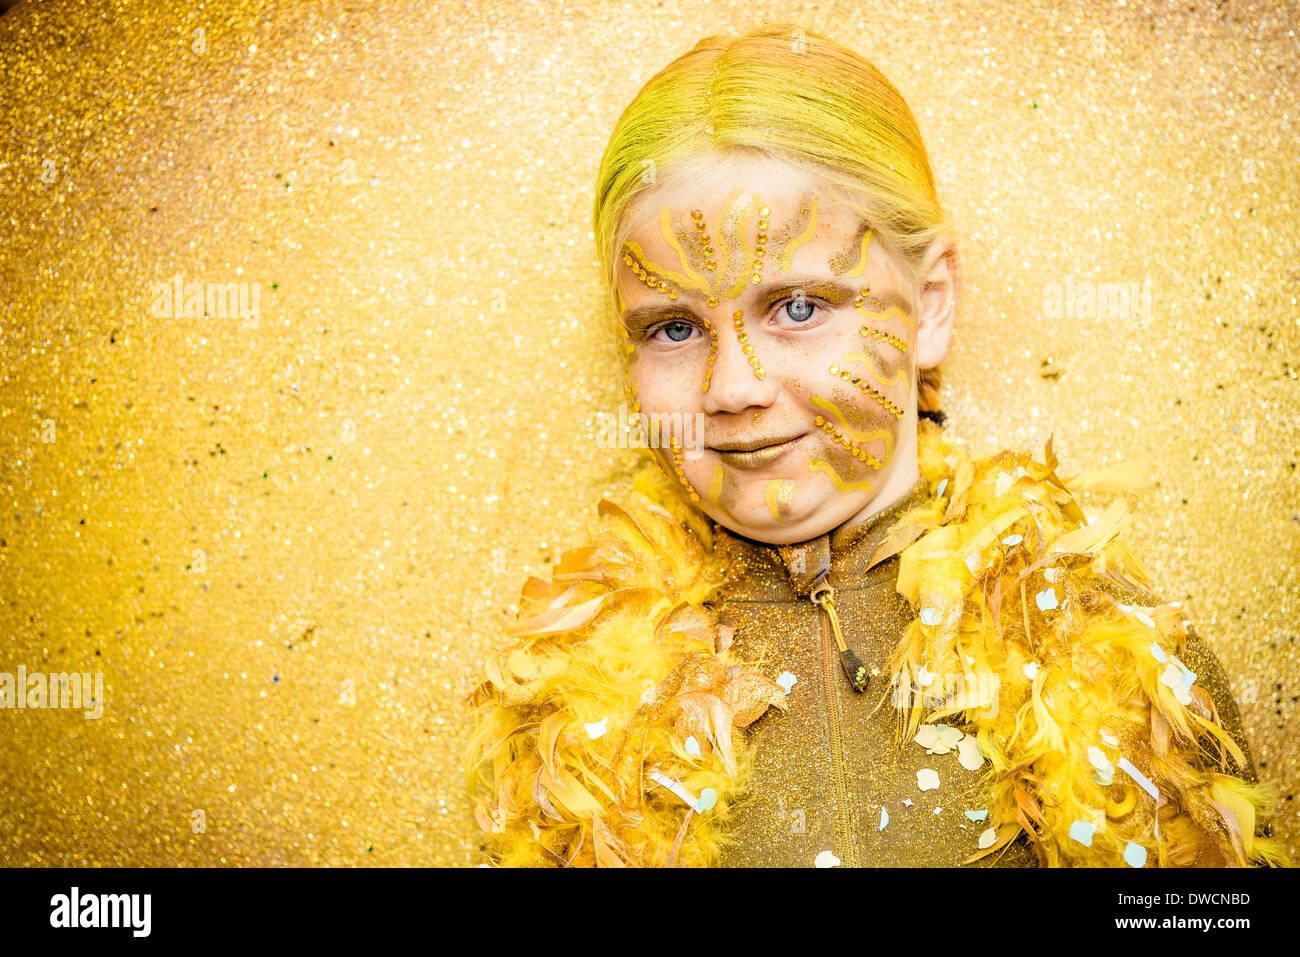 Sitges, Espanha. 4 de Março de 2014: Uma garota em um traje de fantasia danças durante o desfile de carnaval Imagens de Stock